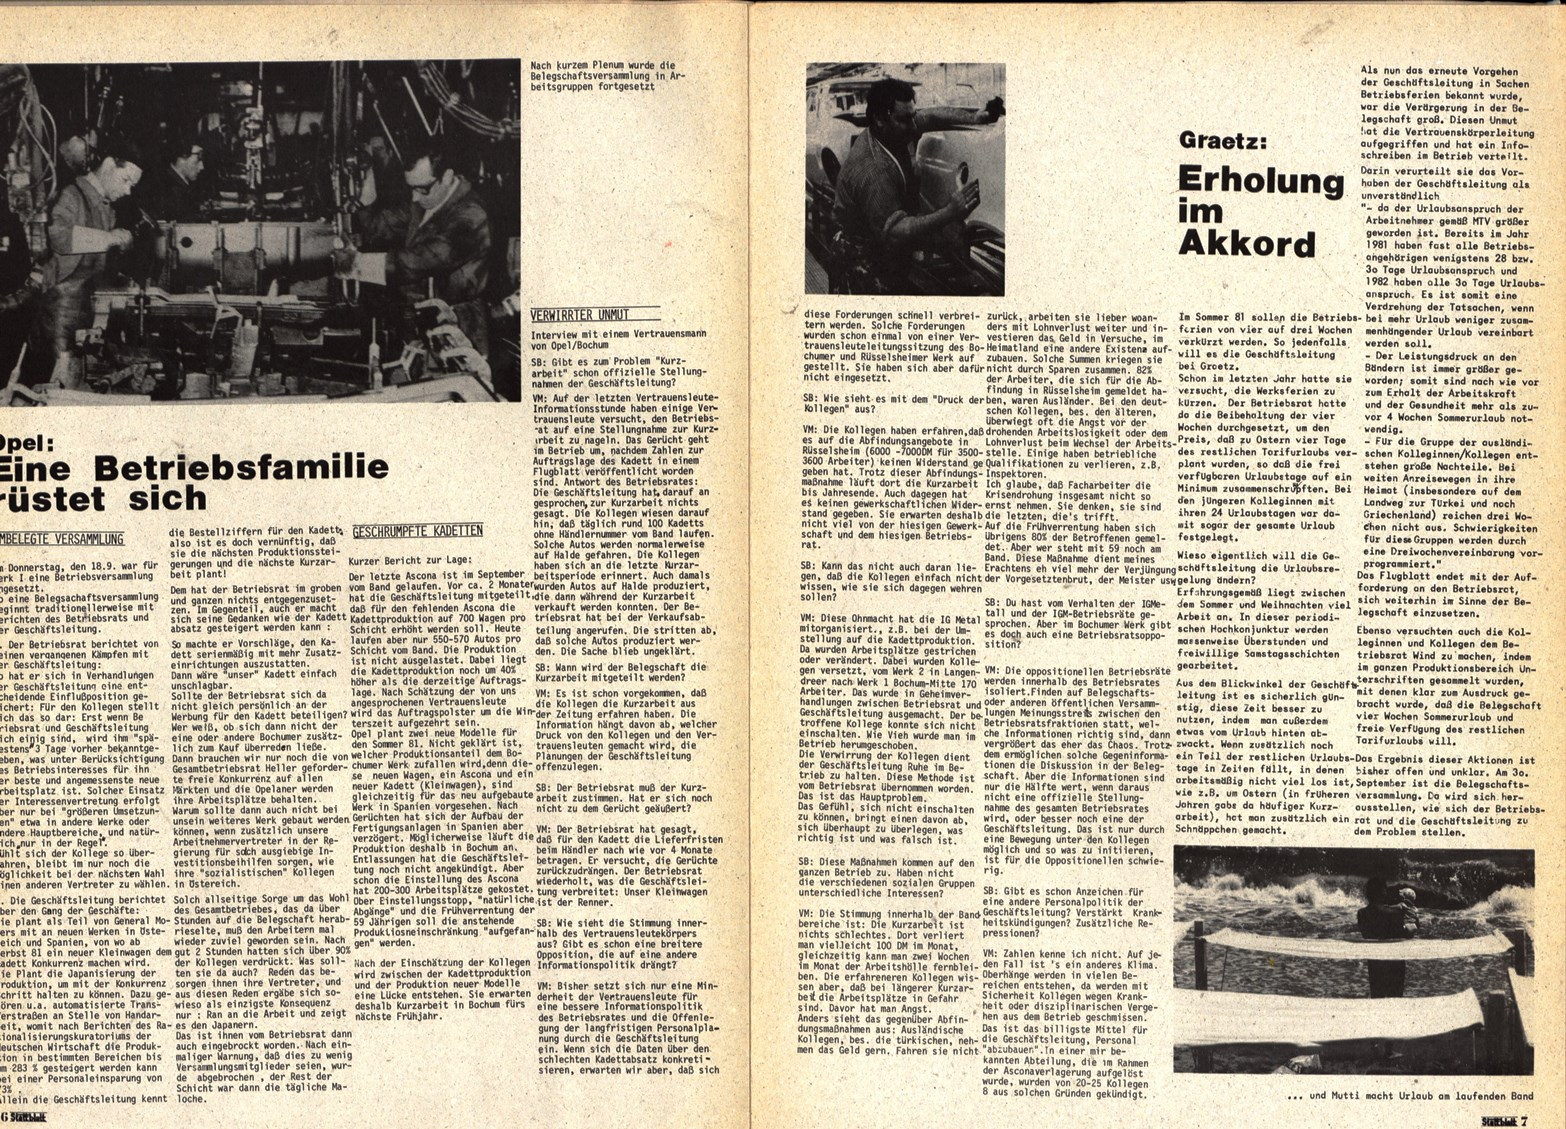 Bochum_Stattblatt_19801000_41_04